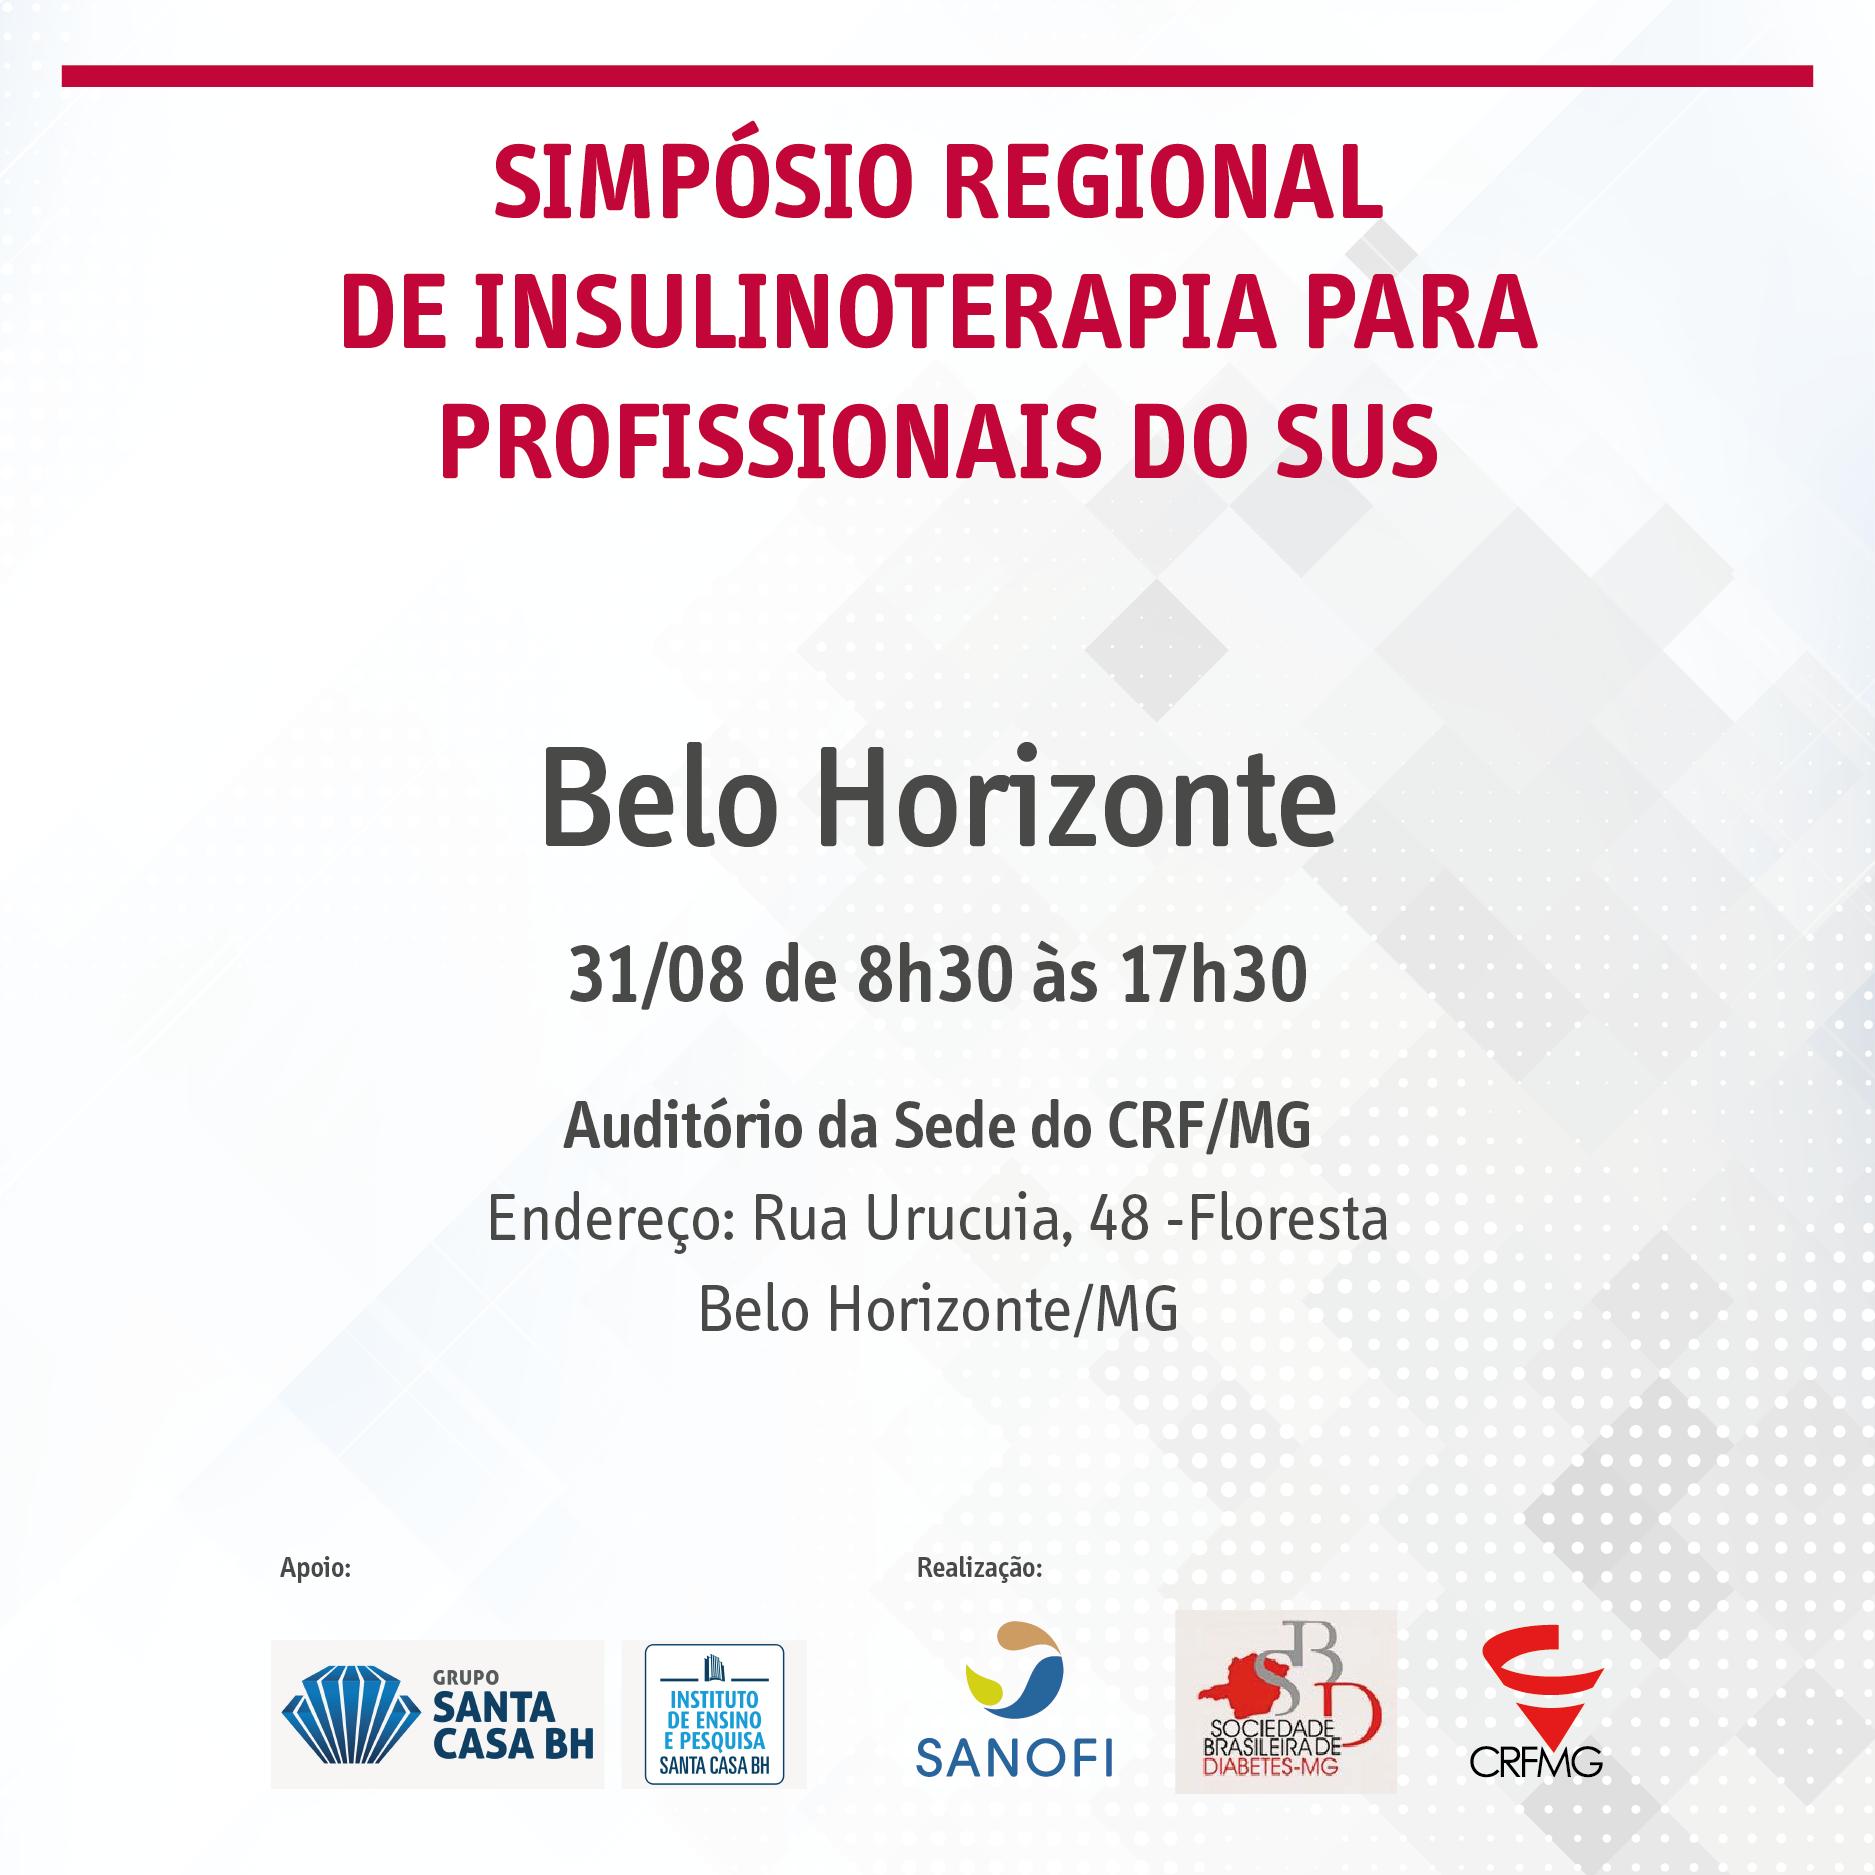 Inscrições para o Simpósio Regional de Insulinoterapia para Profissionais do SUS em Belo Horizonte já estão abertas